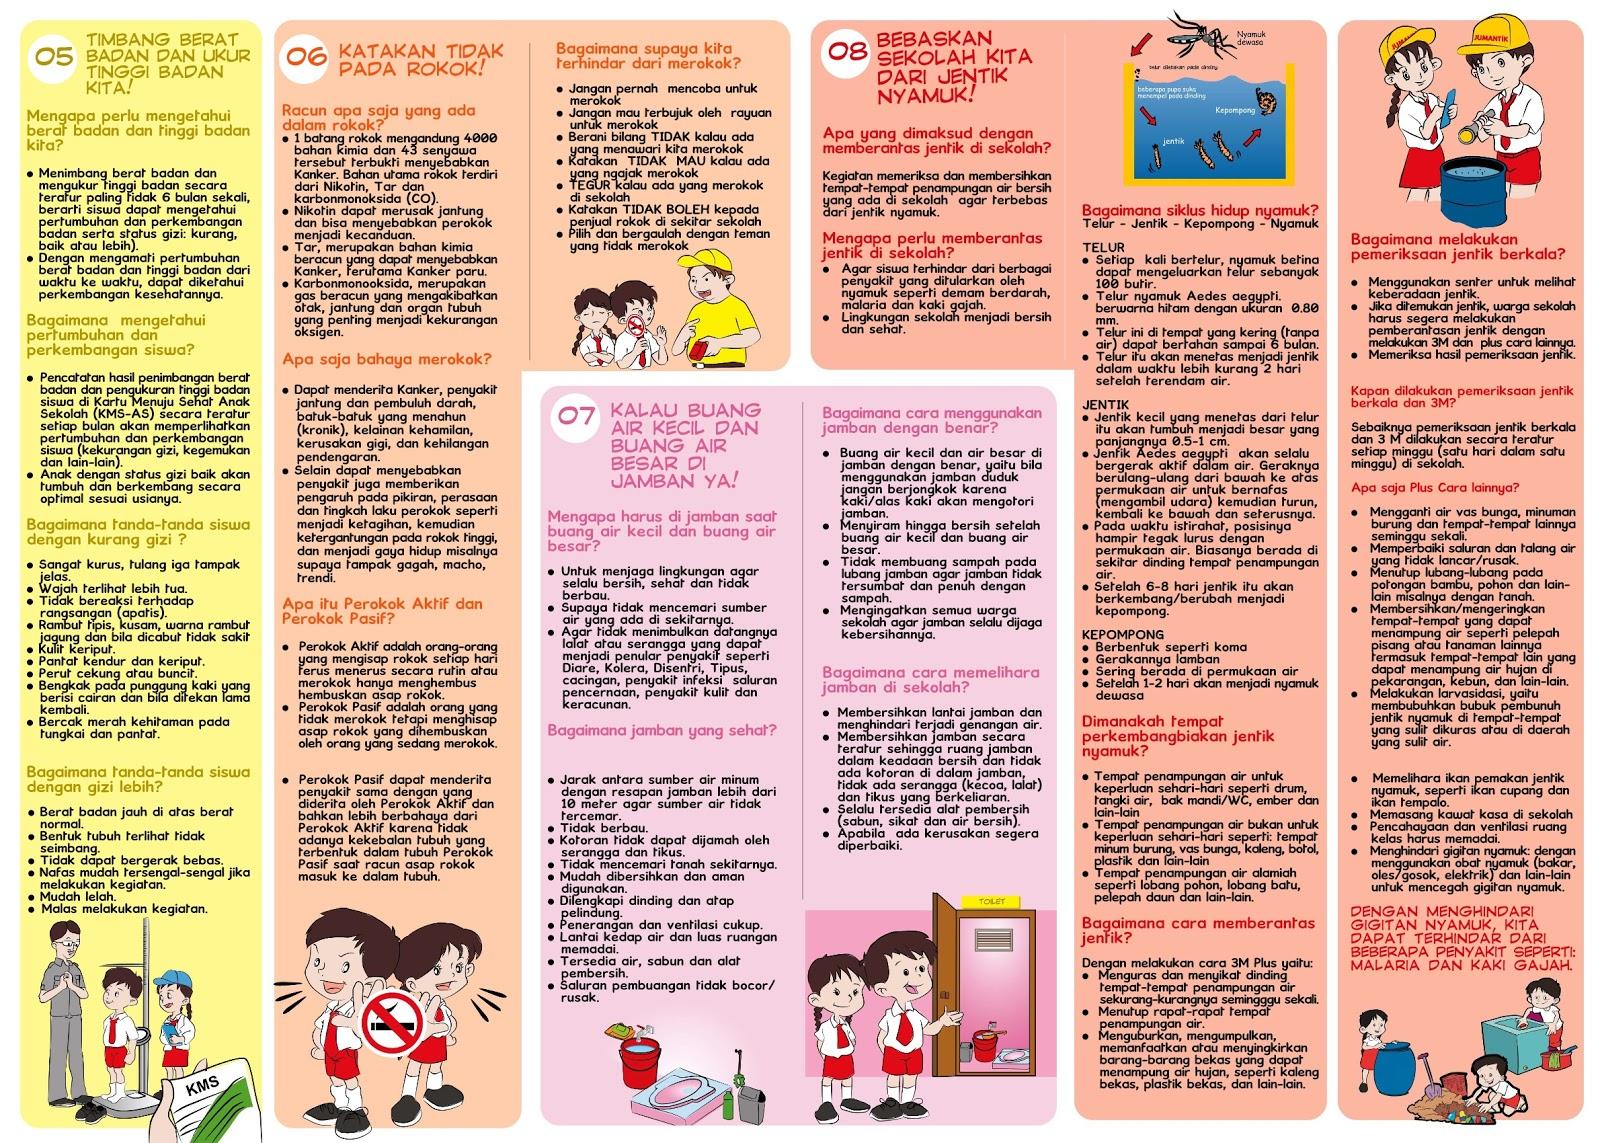 Berikut ini adalah leaflet PHBS Sekolah buatan Pusat Promosi Kesehatan